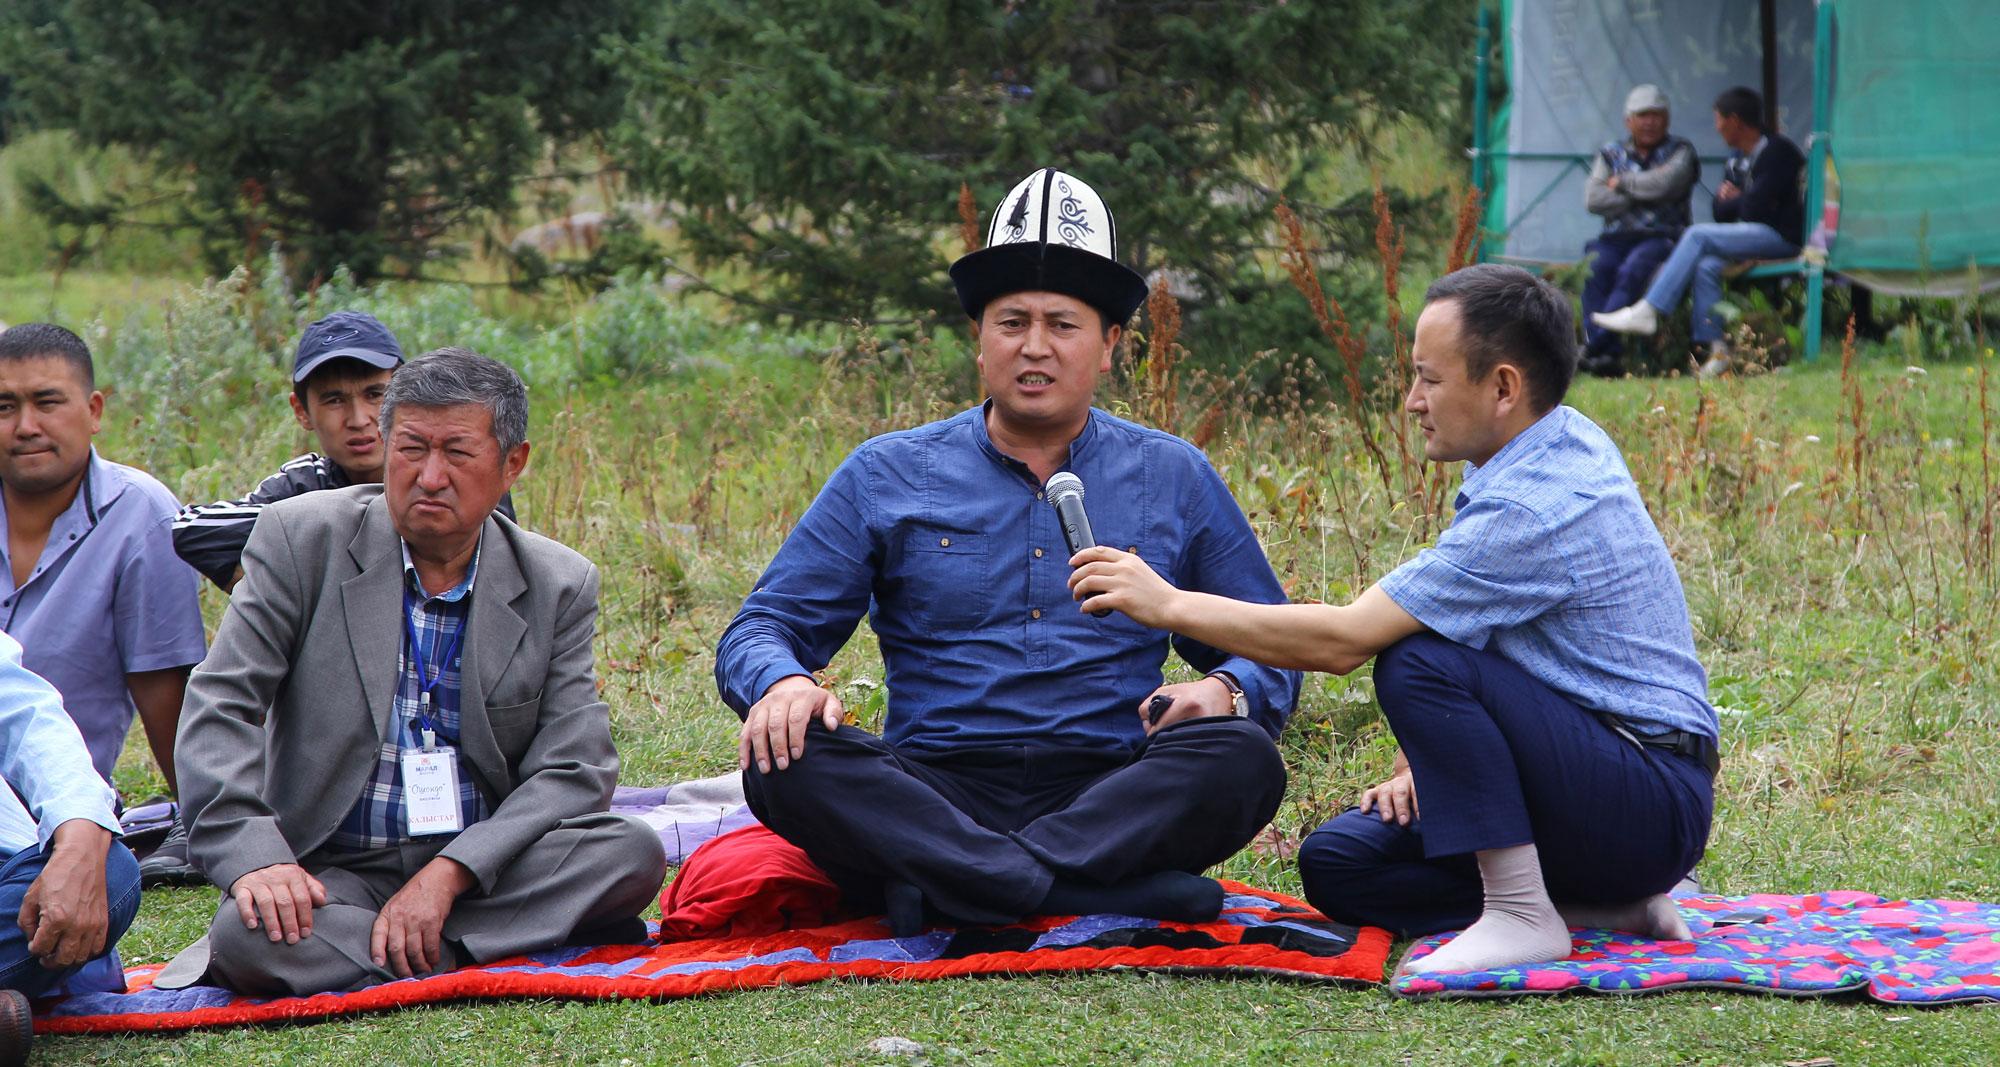 Reciteren nationale hymne tijdens camperreis door Mongolie met TME